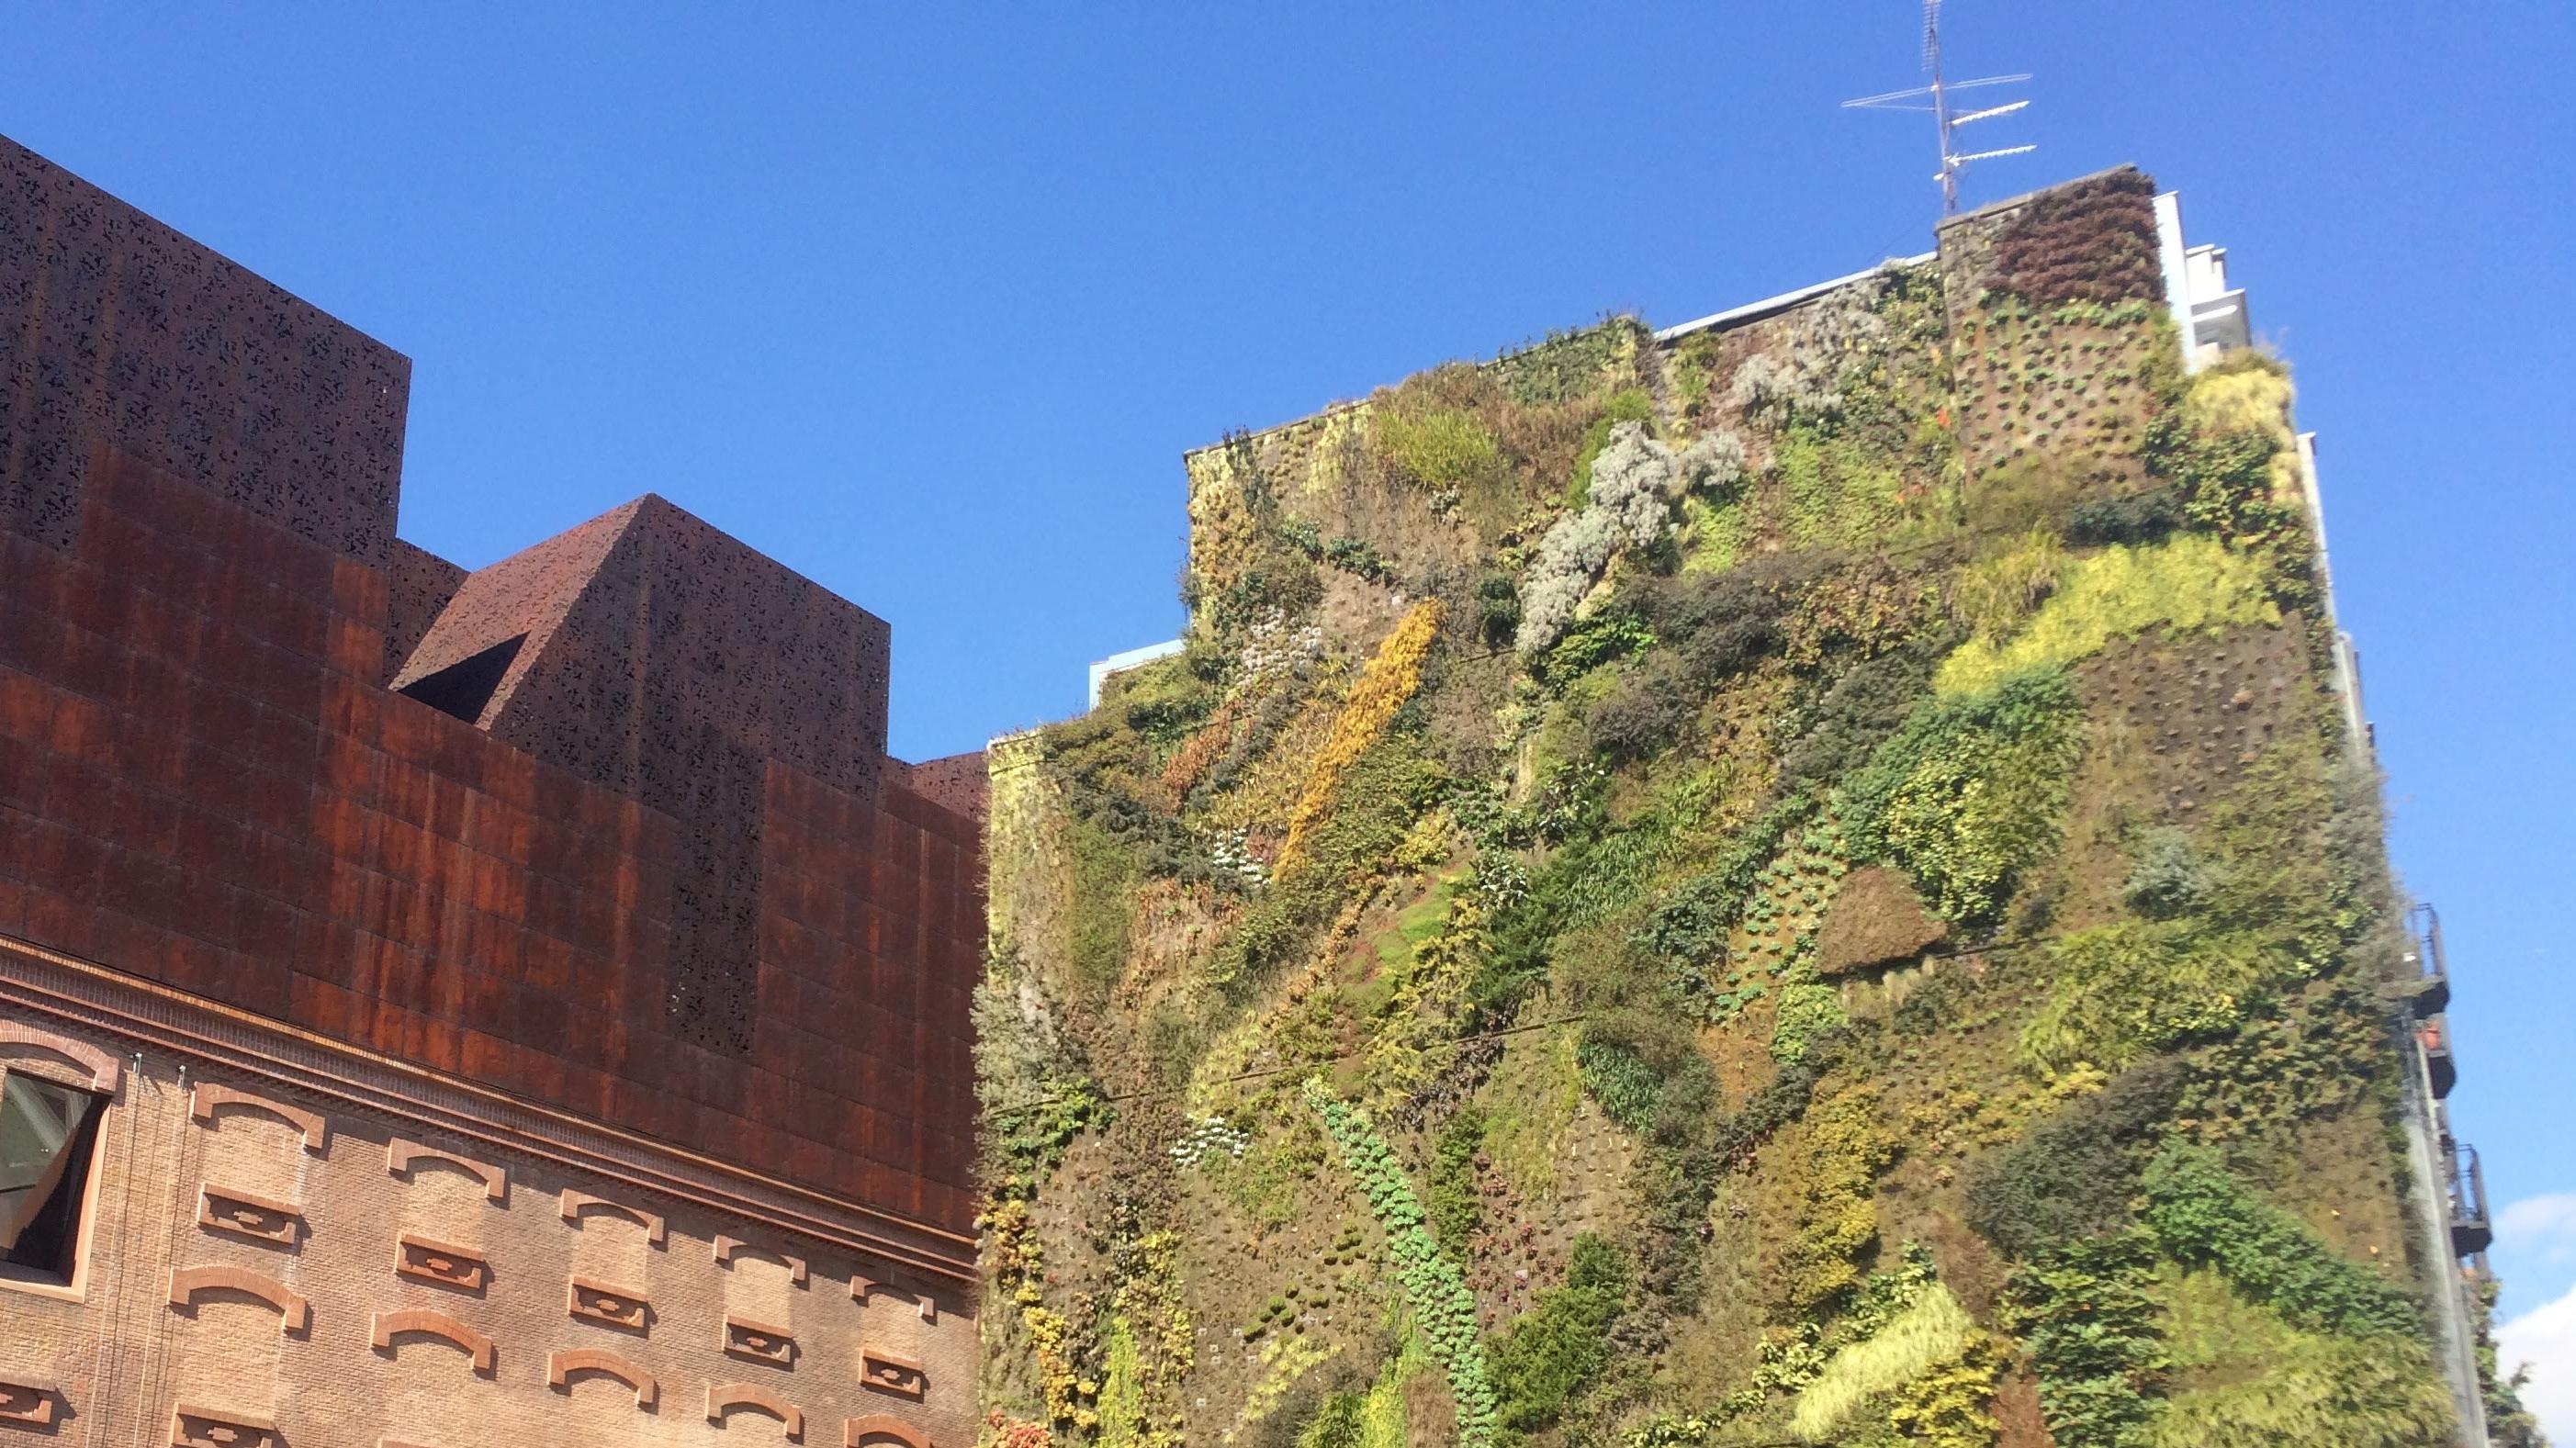 Verticale Tuin Maken : De verticale tuin van madrid u city city